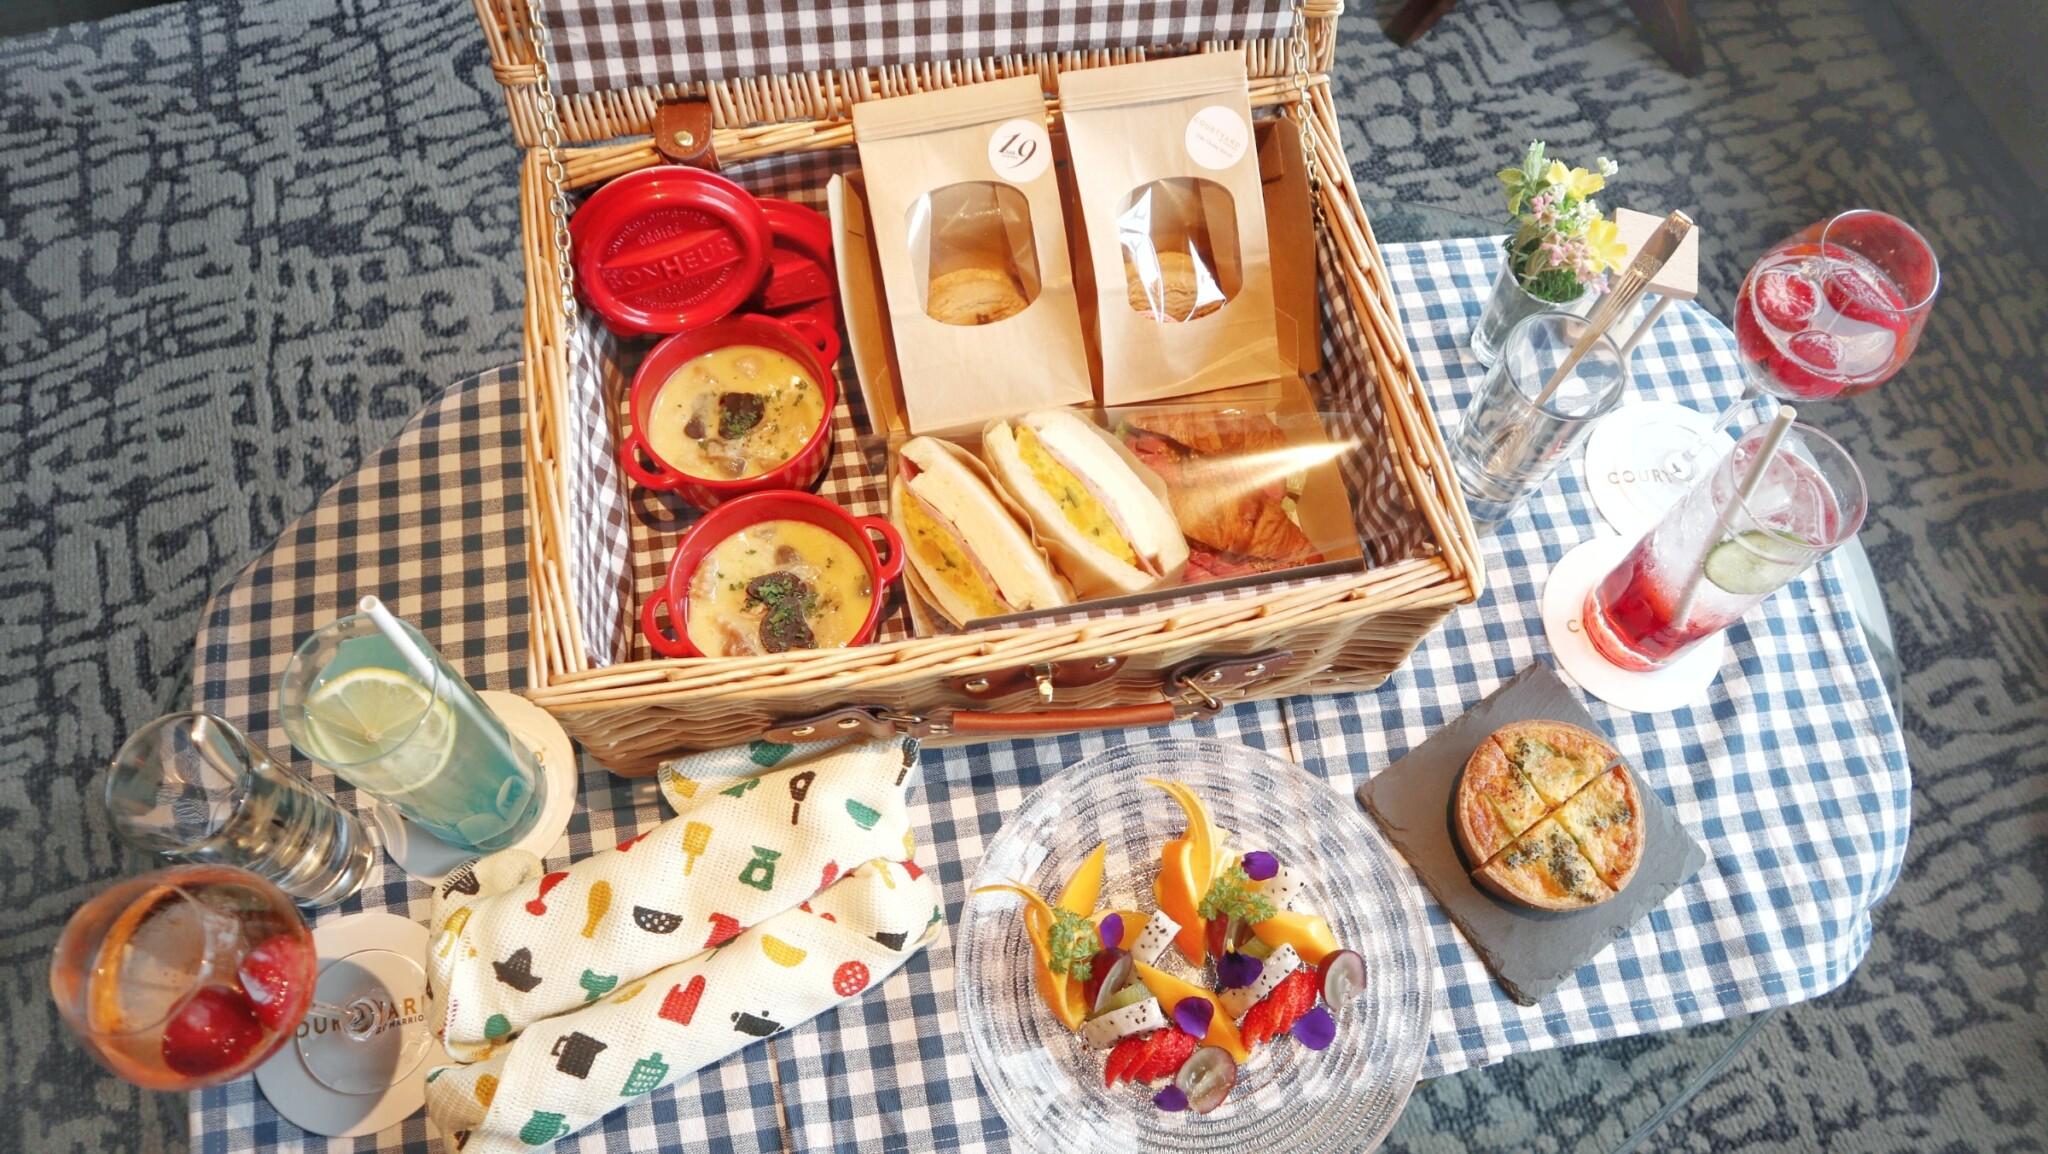 ホテルのバーでピクニック!?〈コートヤード・バイ・マリオット 新大阪ステーション〉でピクニック風アフタヌーンティーが新登場。